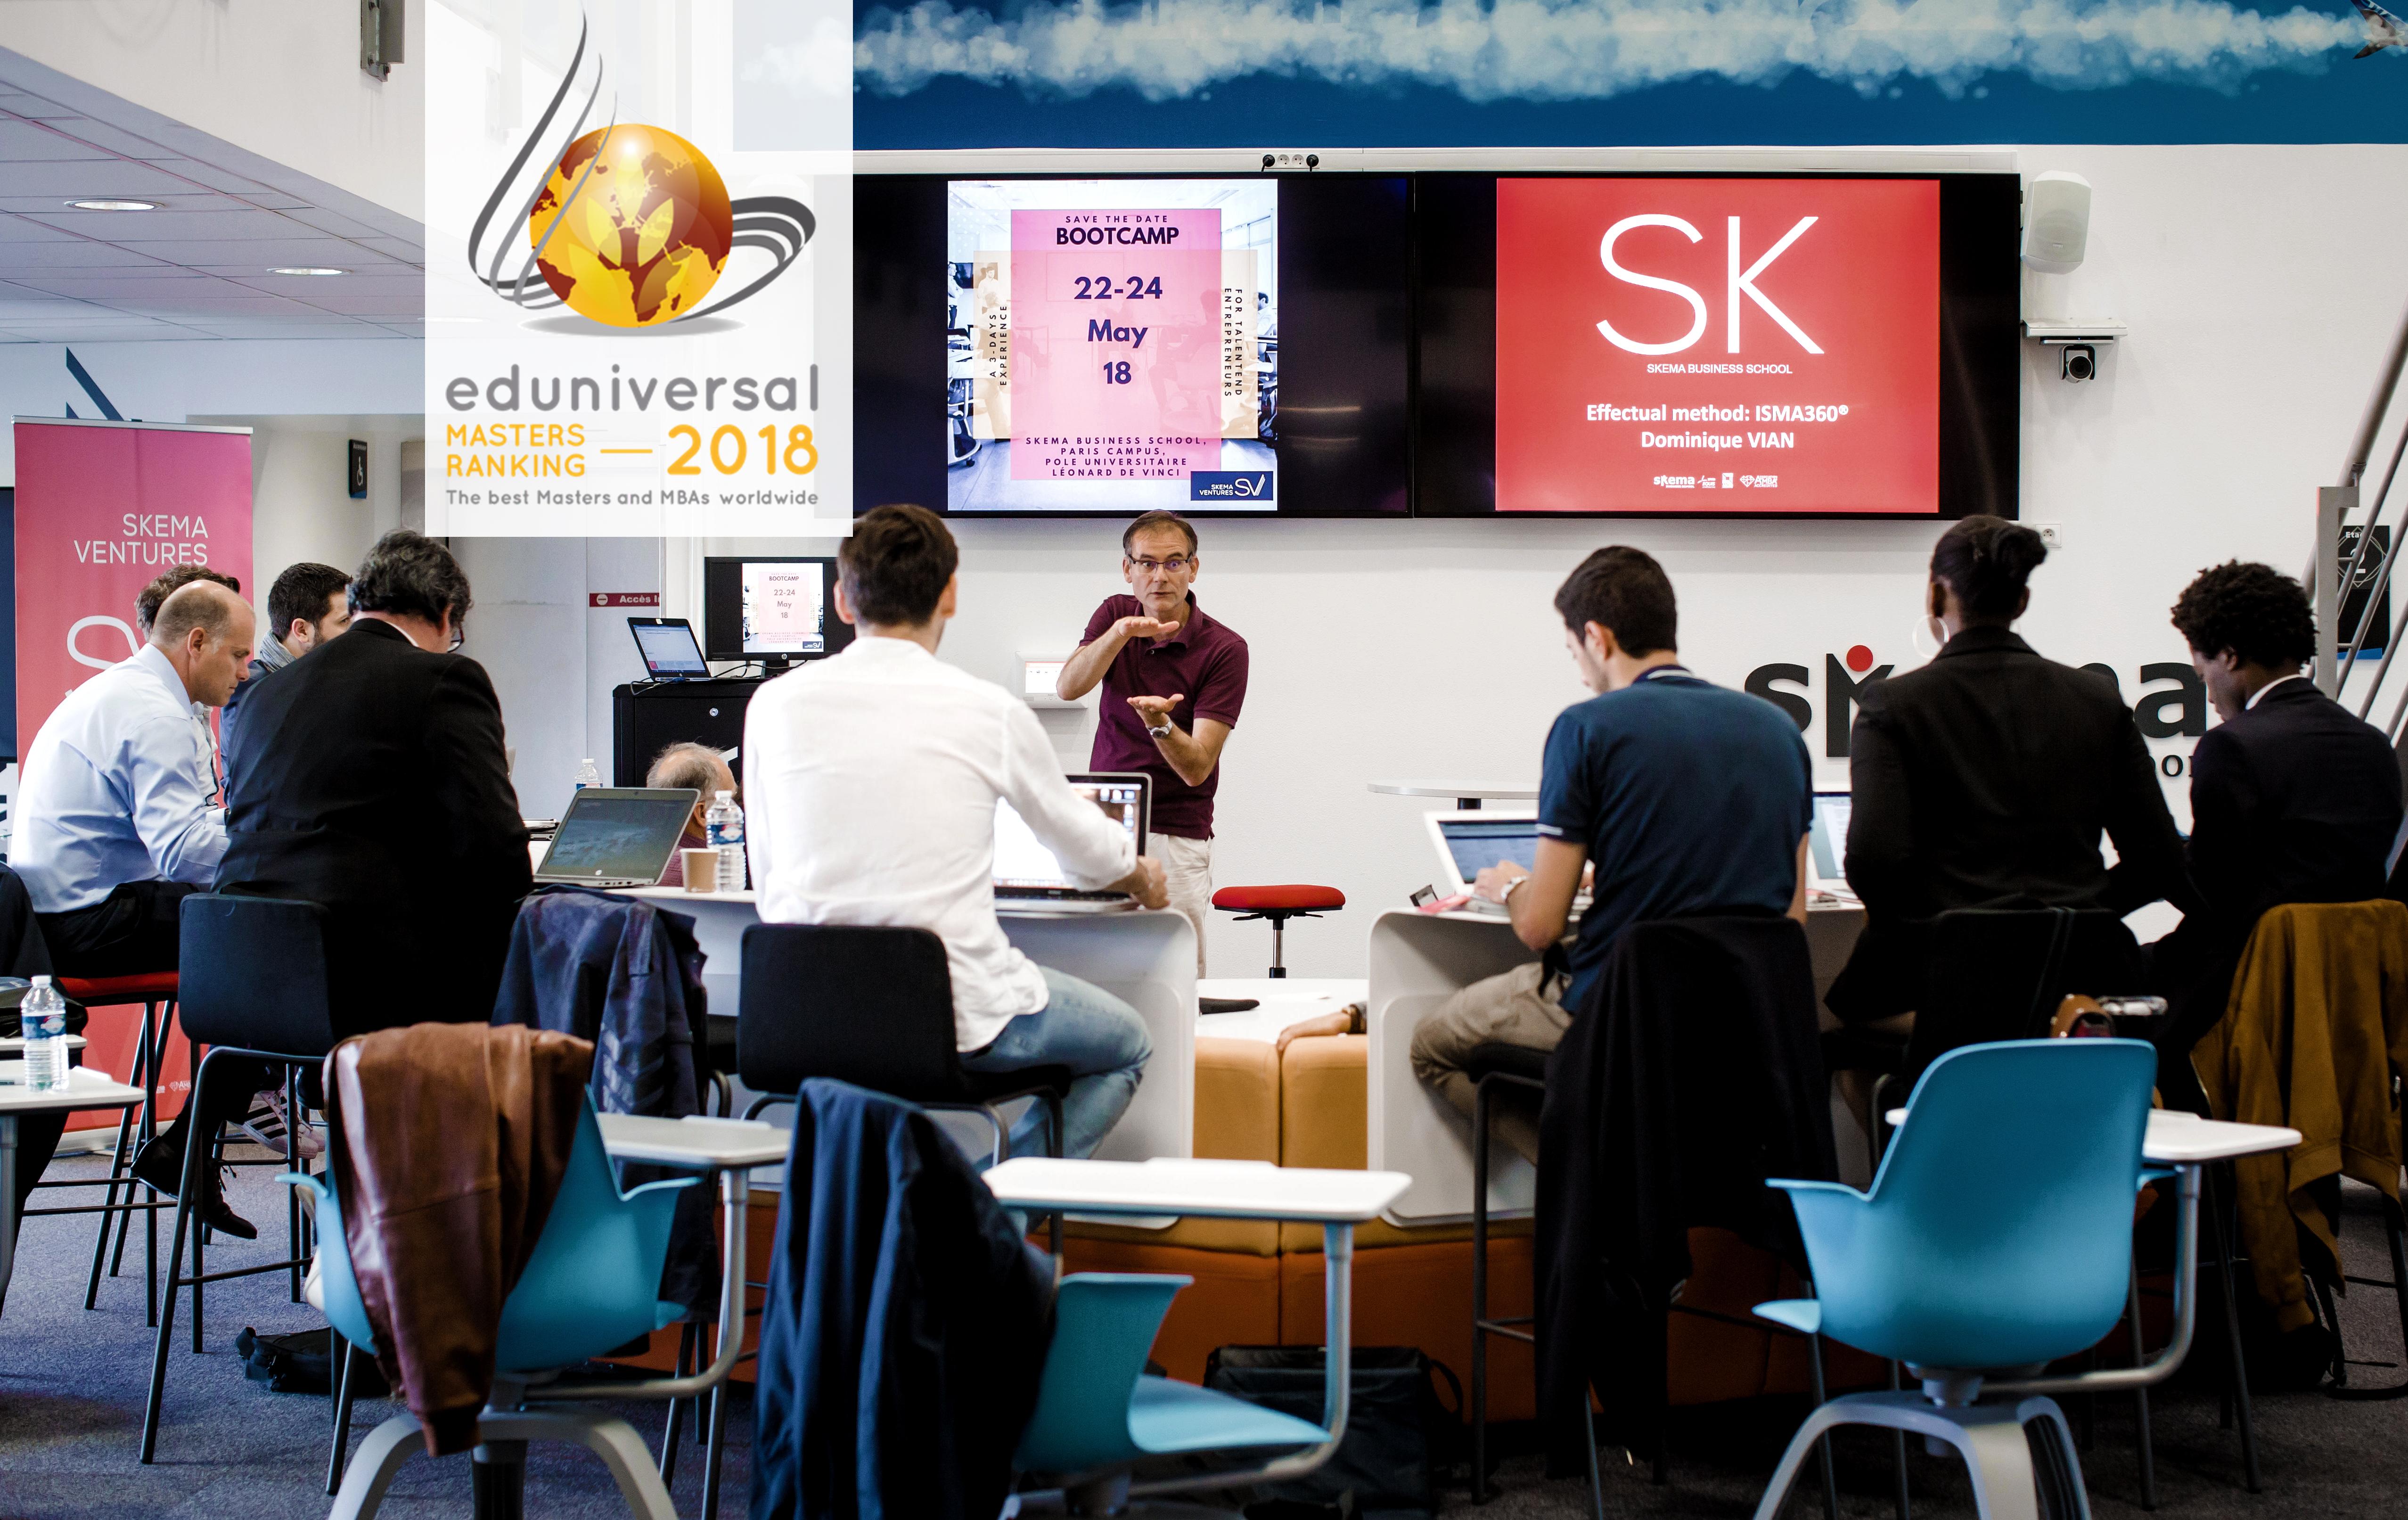 SKEMA Business School - MSc Entrepreneurship and innovation